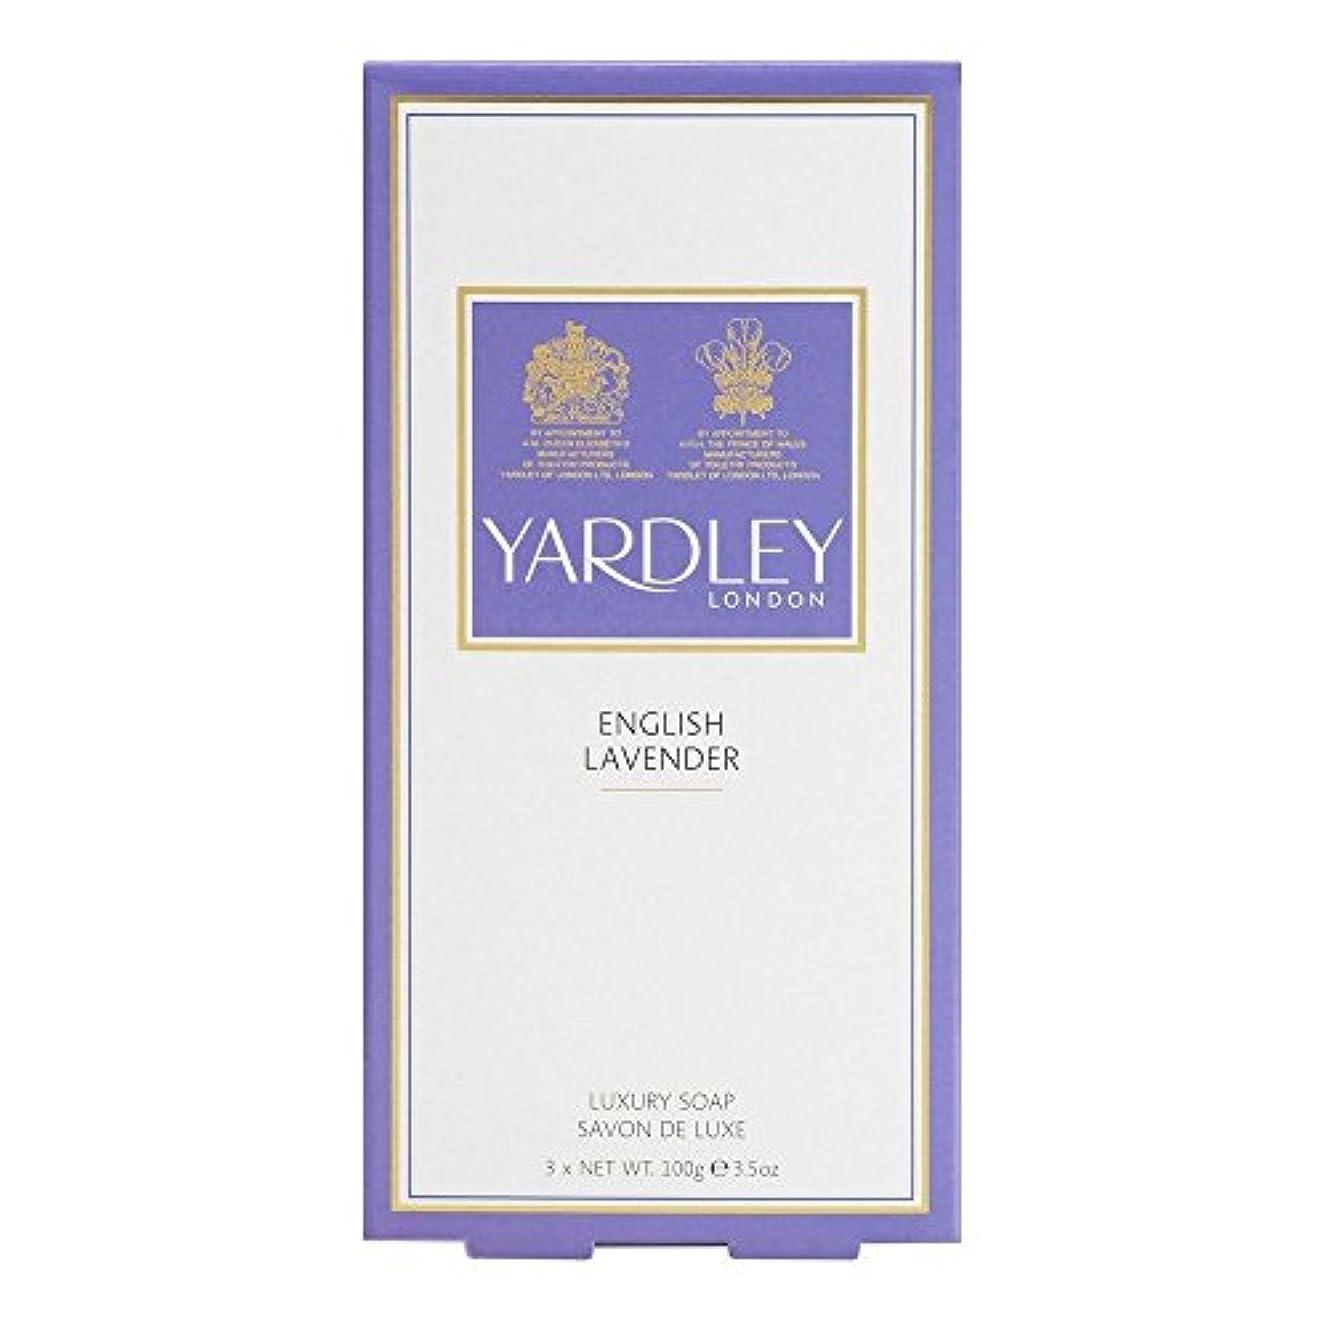 させる疑い者ディスカウントYardley London English Lavender Soaps (3x100g) ヤードリーロンドン英語ラベンダー石鹸( 3X100G ) [並行輸入品]